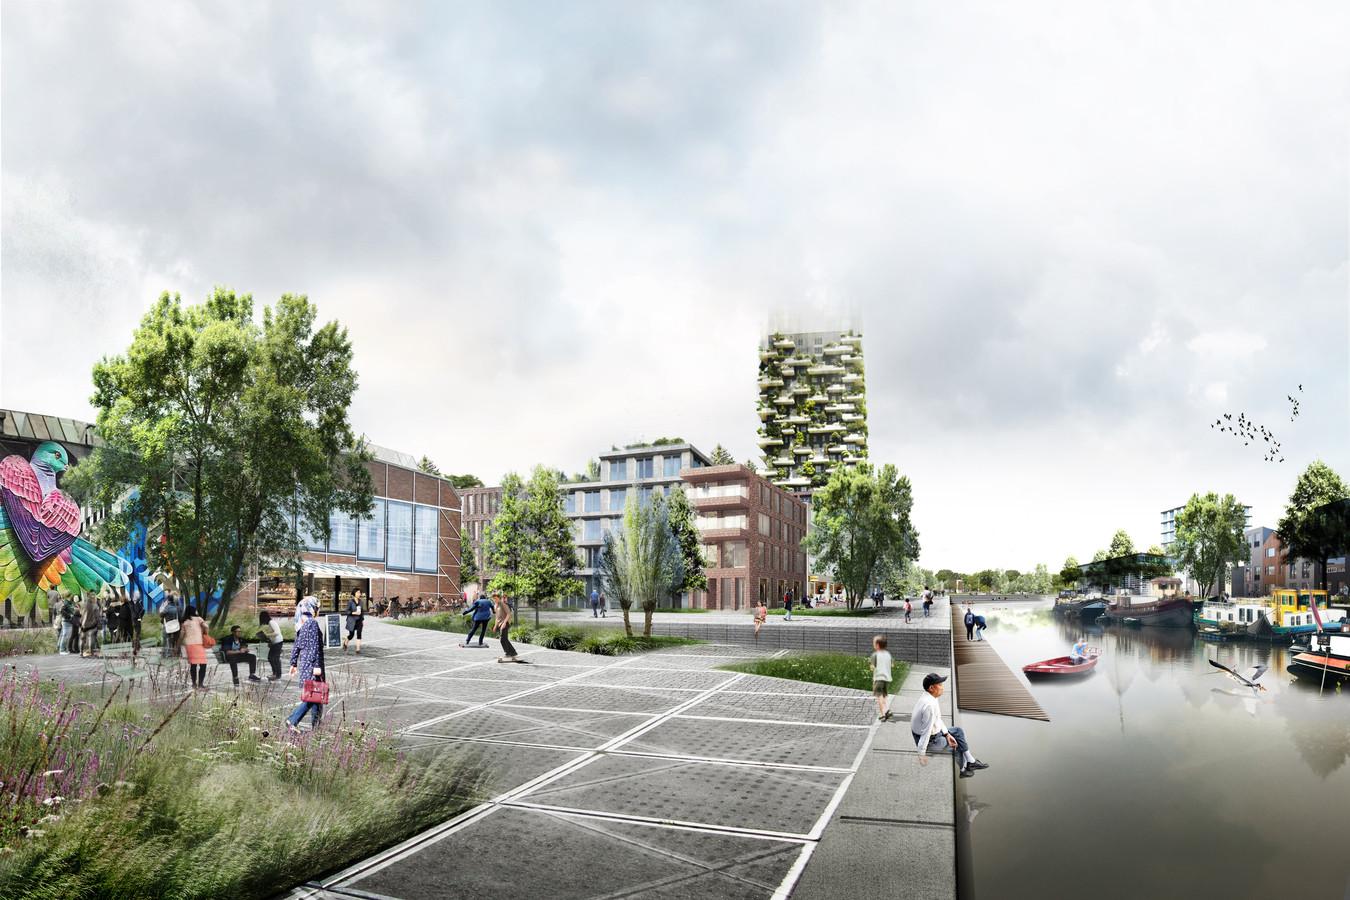 Spoorzone Breda- 'Nieuwe Europese stadswijk aan het water' - Promenade - Nieuws - 5Tracks Breda